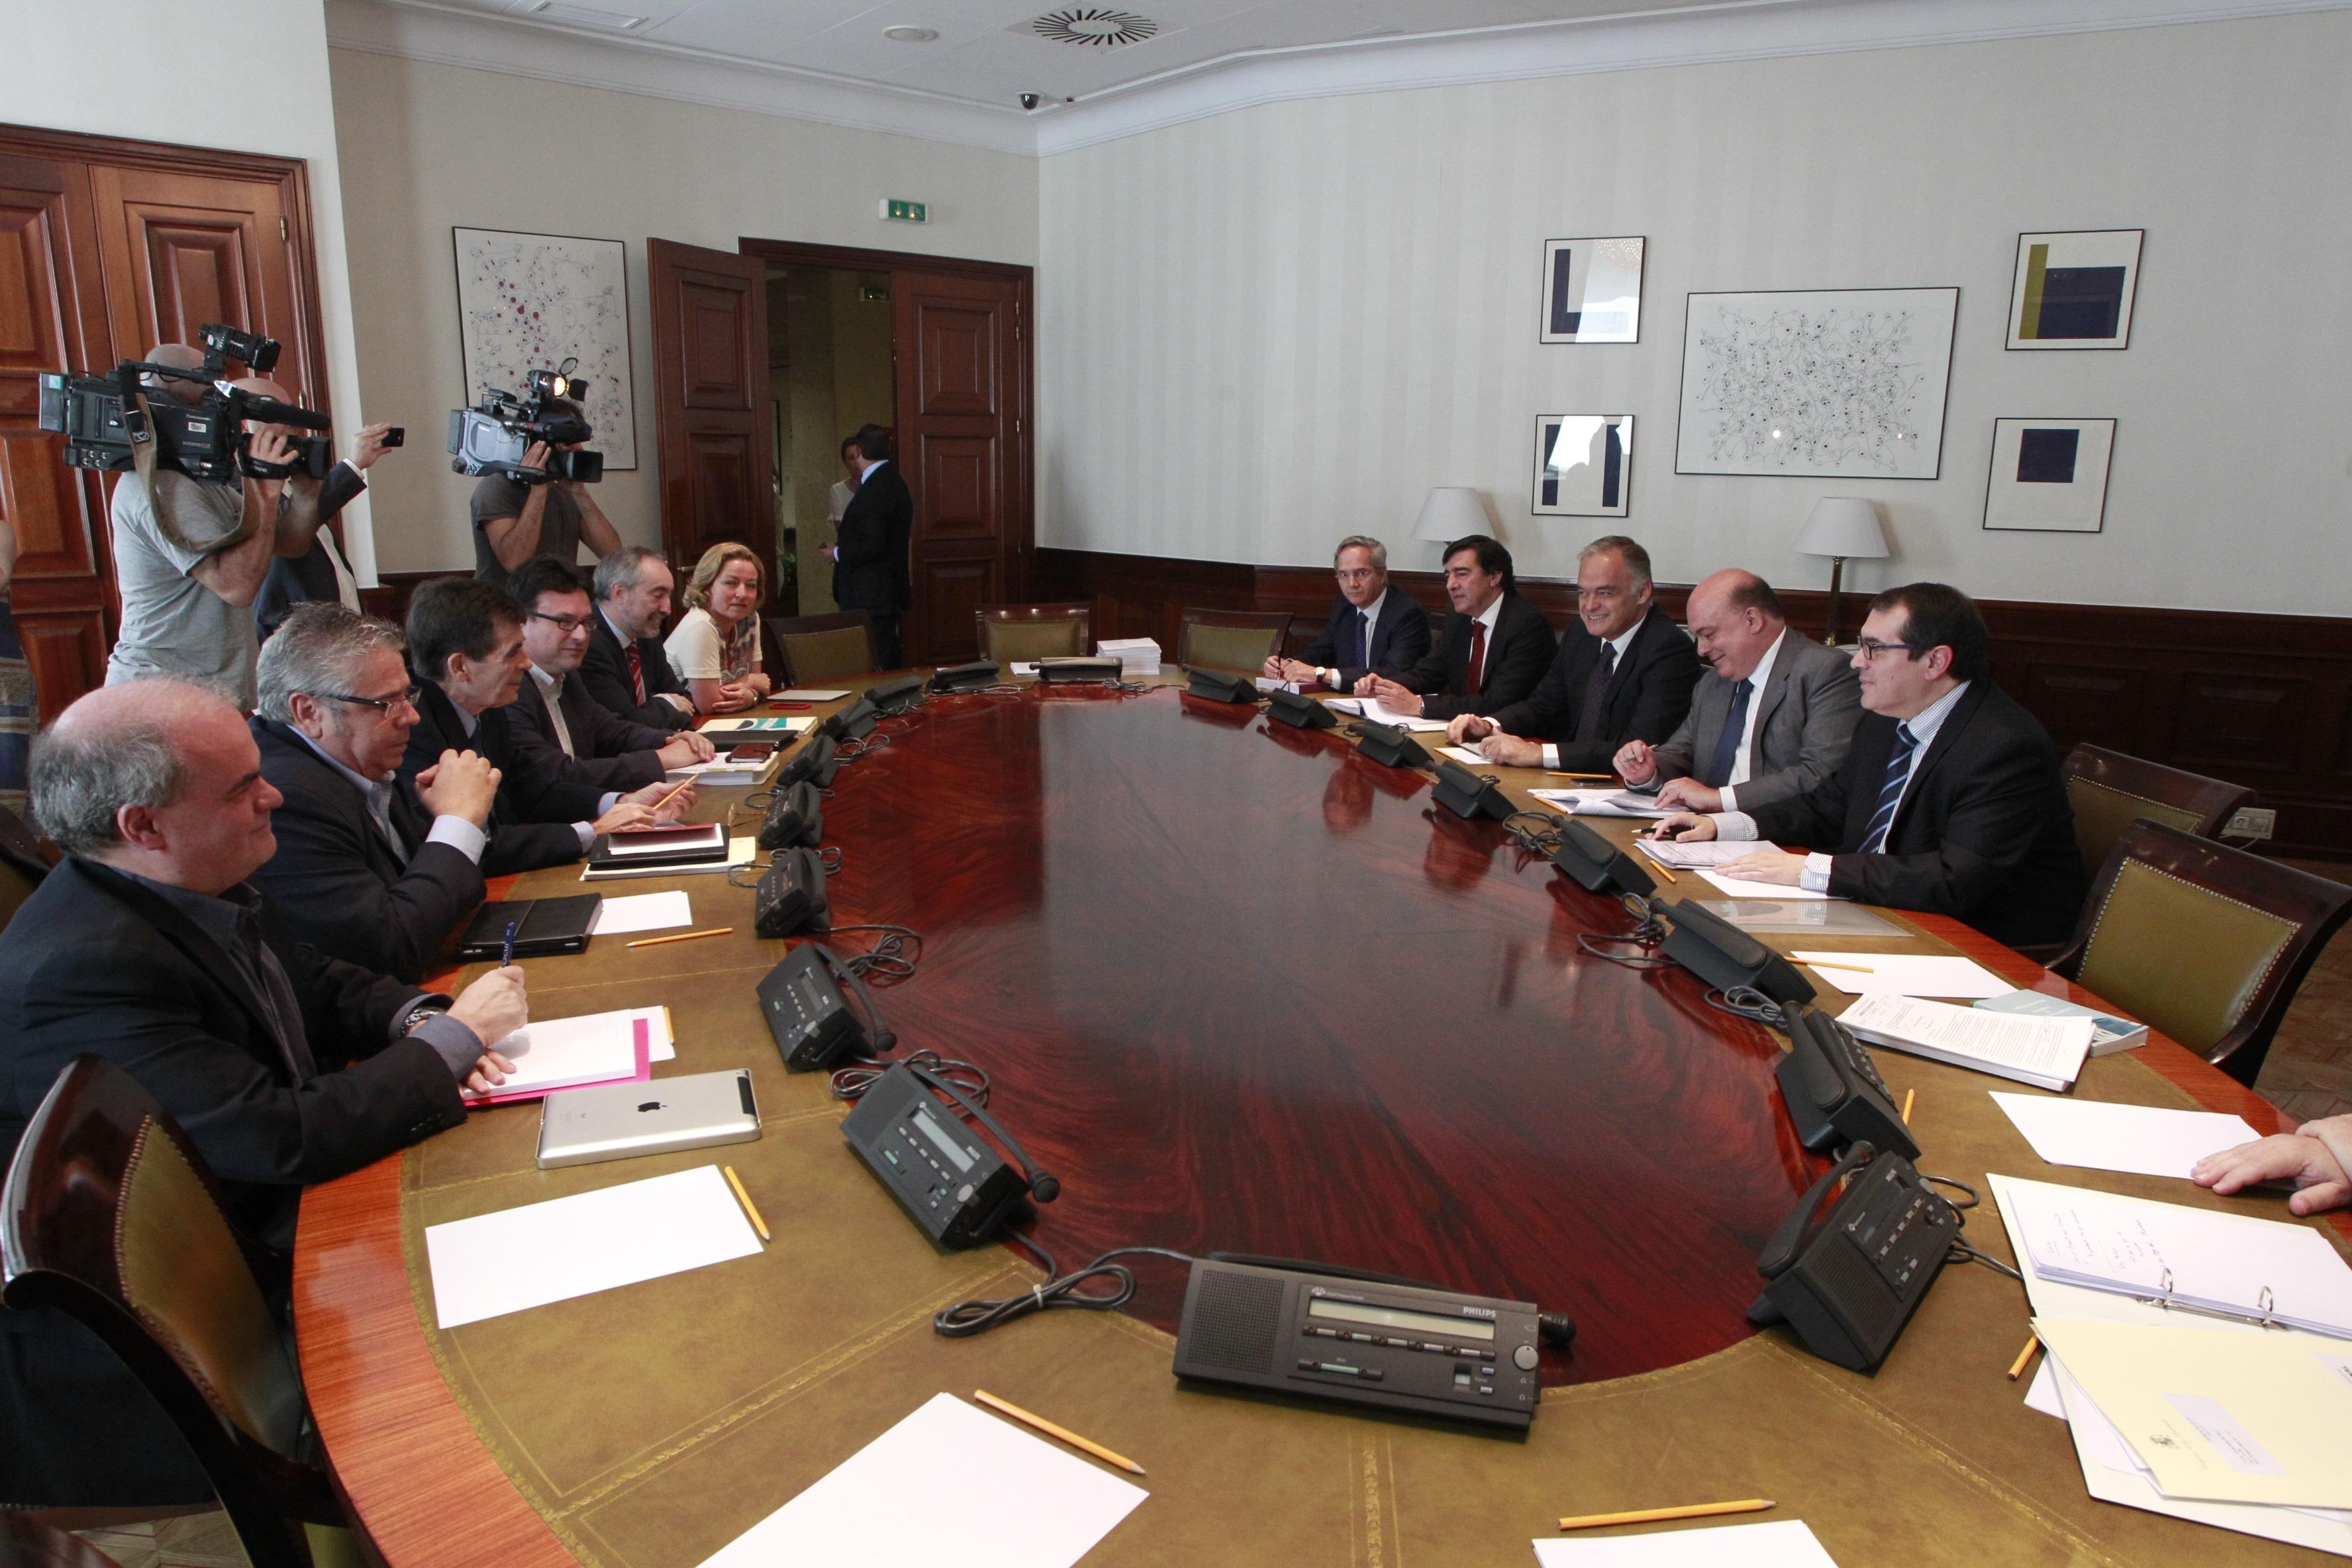 El Congreso no volverá a trabajar en la Ley de Transparencia hasta después de decidir si Rajoy comparece